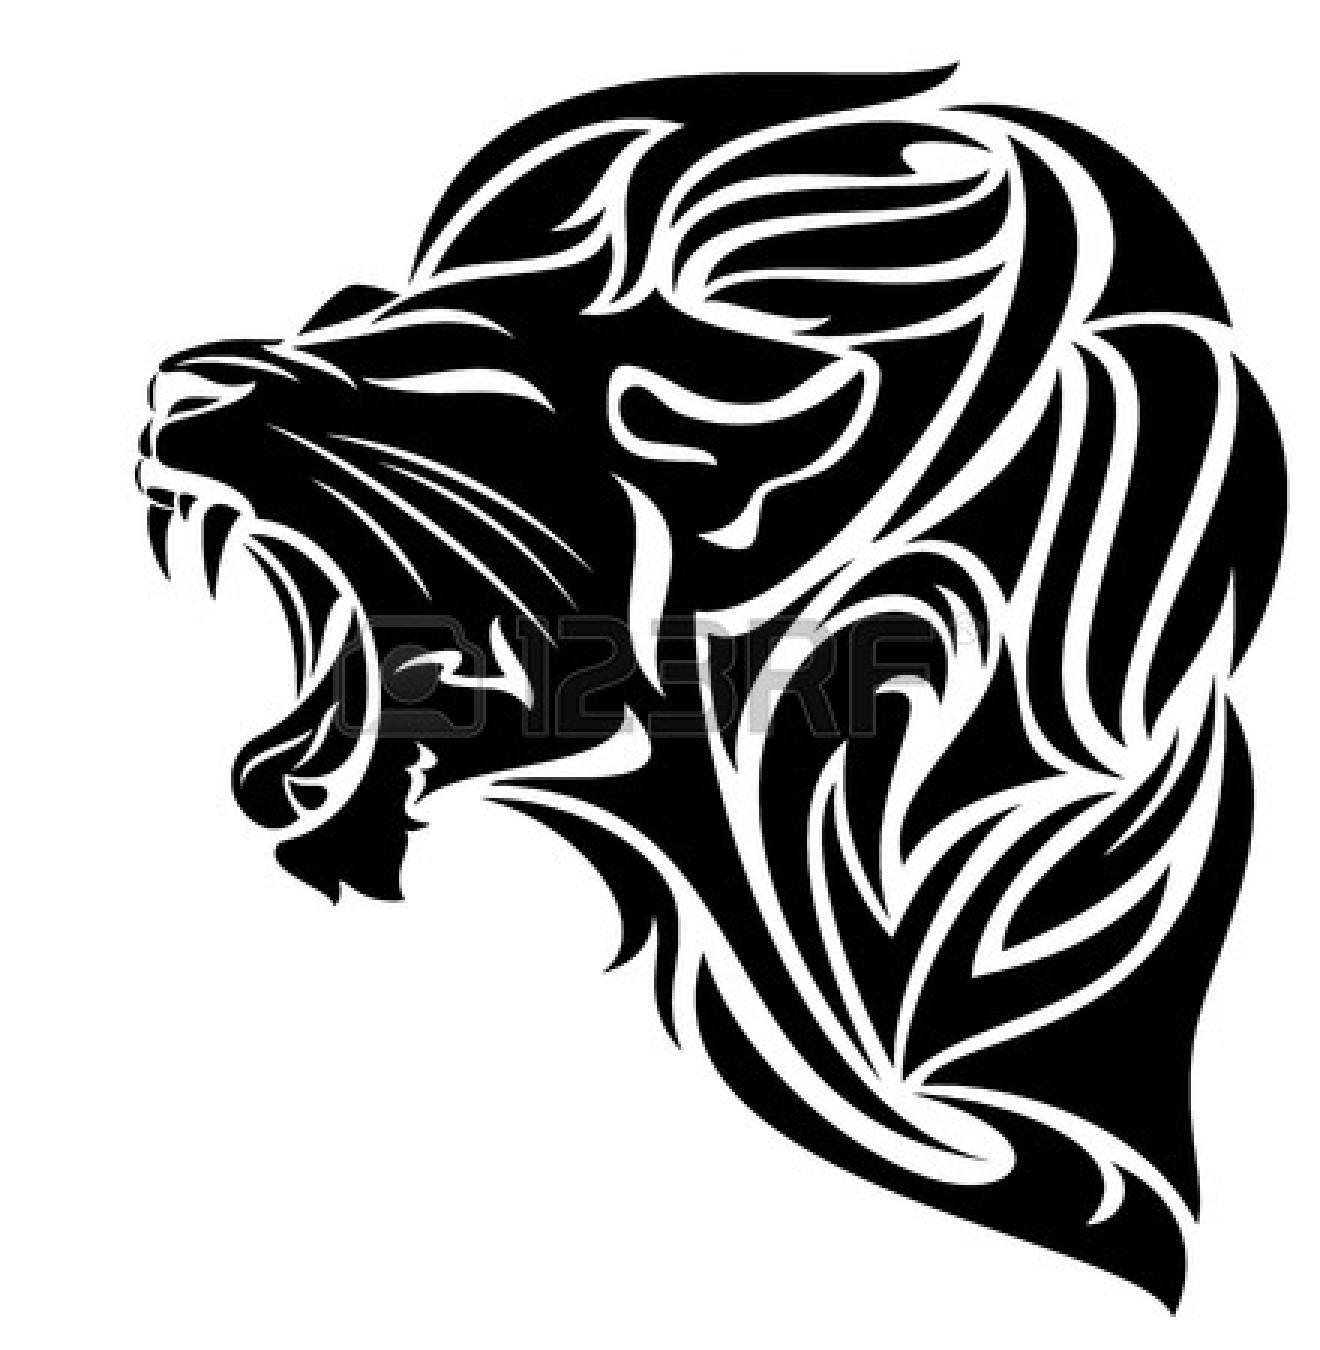 Lion logo design clipart 12 » Clipart Station.